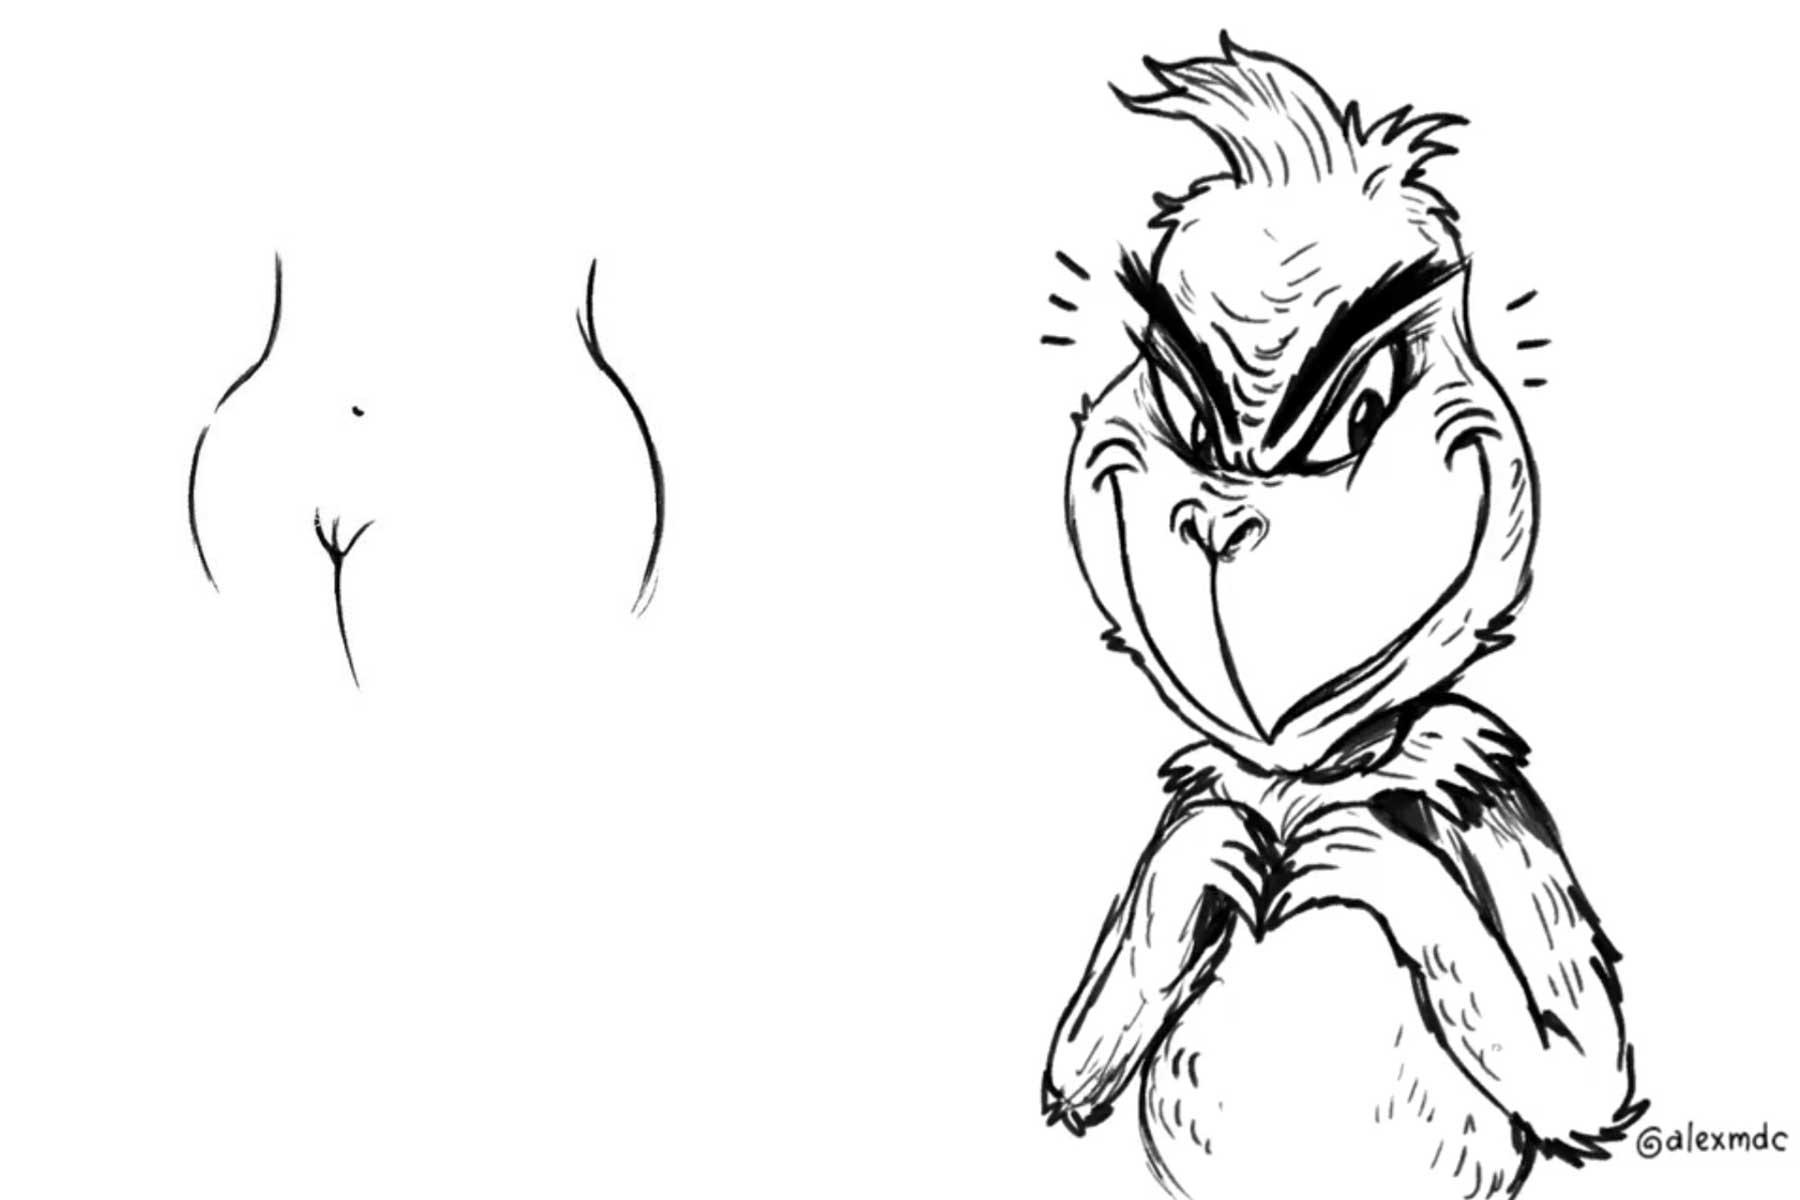 Alex Solis macht Kunst aus Schweinkram Alex-Solis-schweinkram-zeichnungen